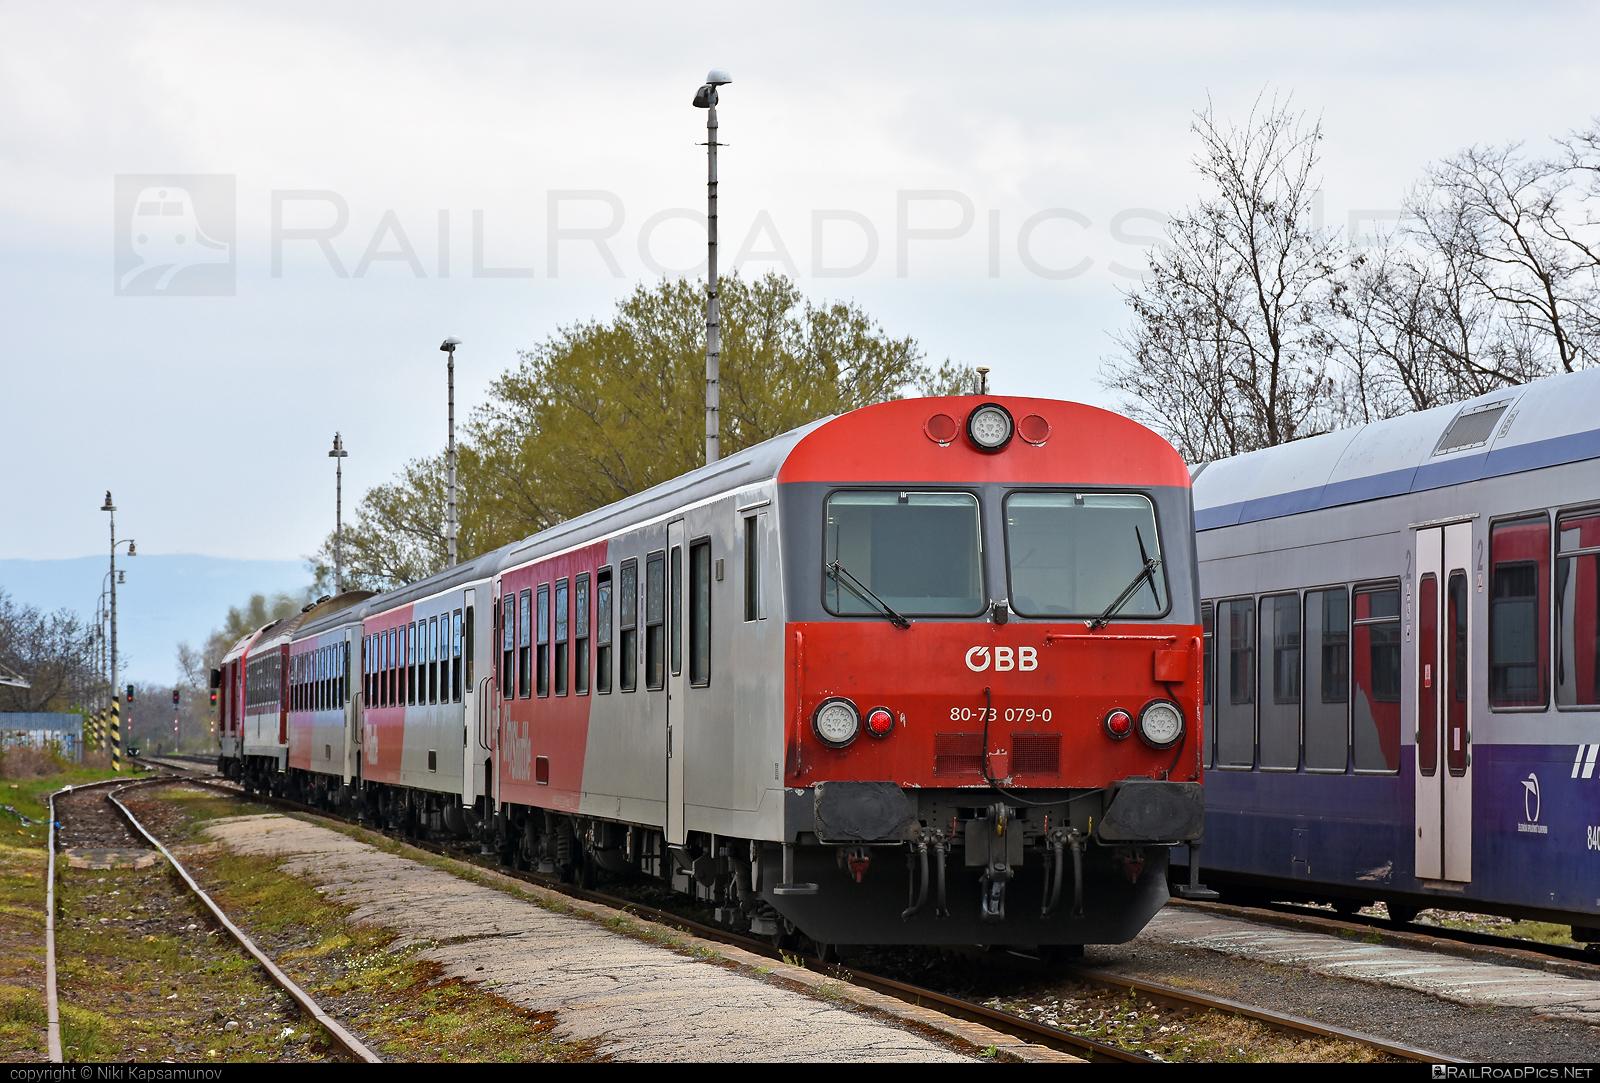 Class B - Bmpz-s - ÖBB CityShuttle control car - ÖBB CityShuttle control car - 80-73 079-0 operated by Österreichische Bundesbahnen #cityshuttle #obb #osterreichischebundesbahnen